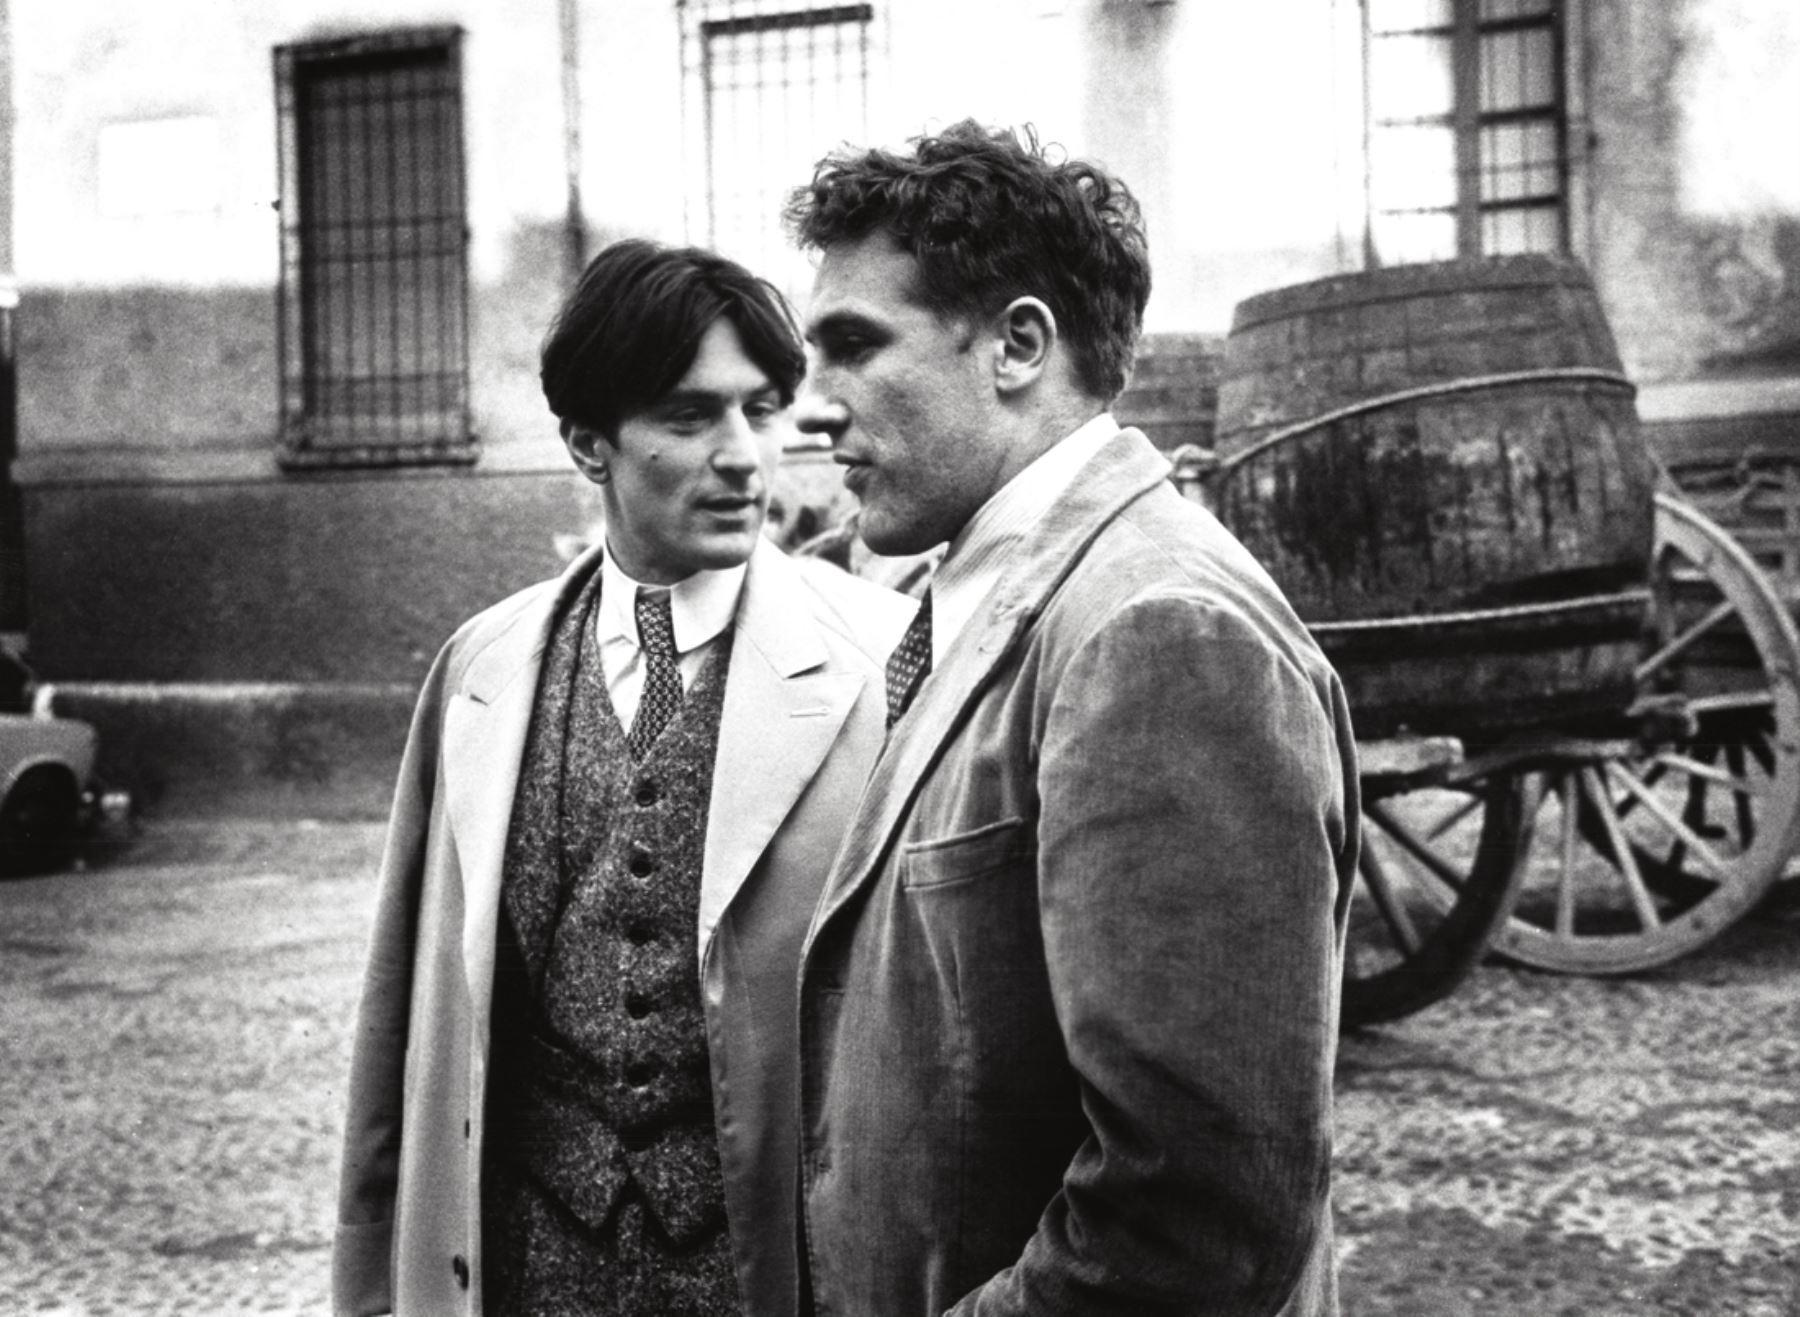 De Niro aparece junto con Gérard Depardieu en la película de Bernardo Bertolucci, Novecento. INTERNET/Medios